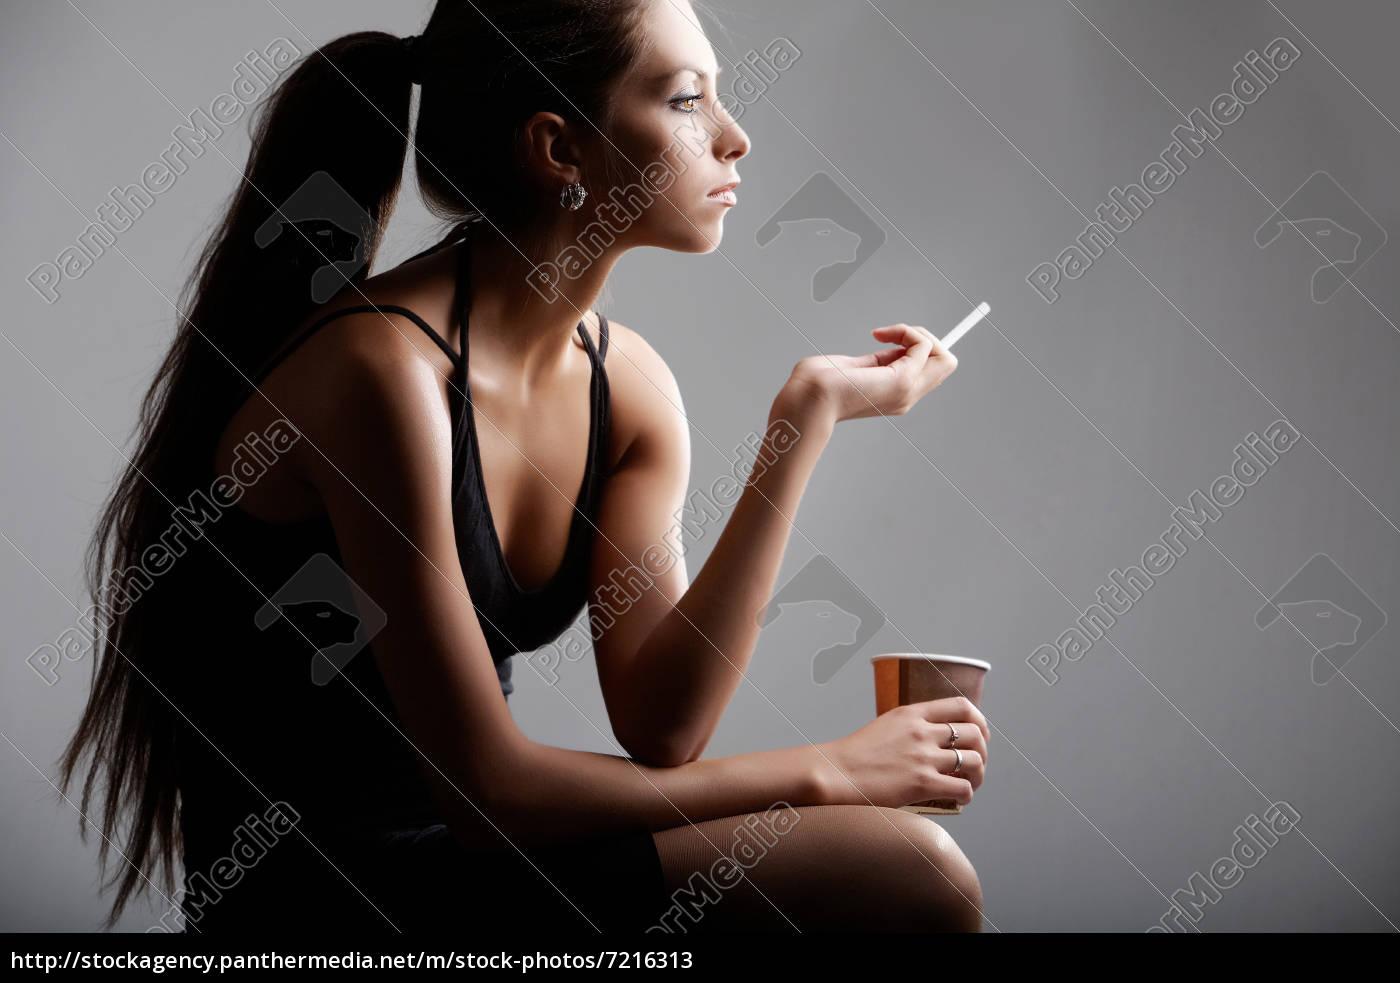 Junge geile rauchende Mädchen